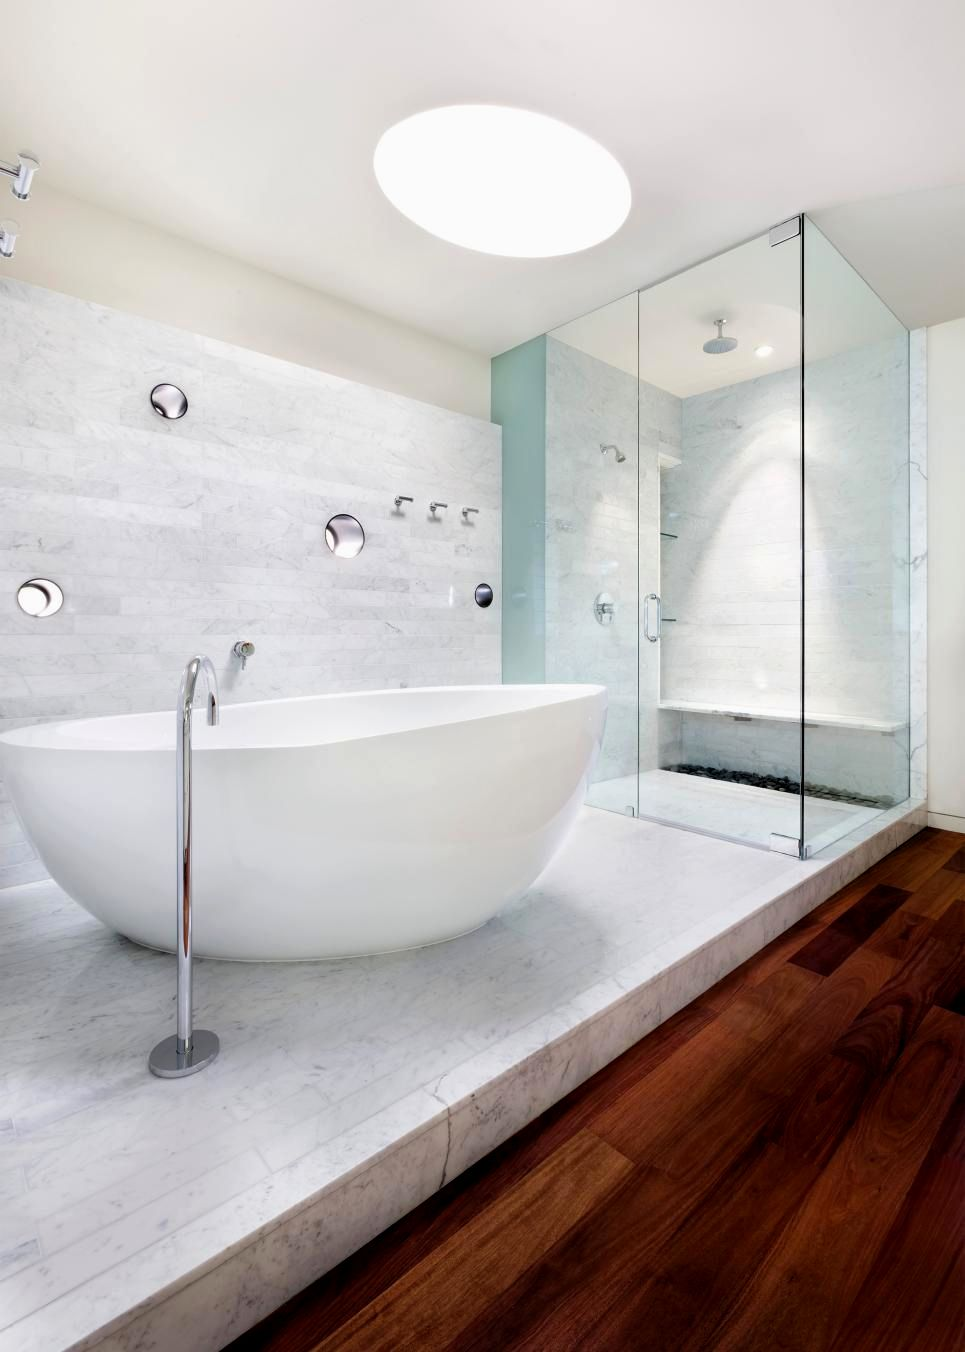 stunning white tile bathroom floor inspiration-Excellent White Tile Bathroom Floor Pattern